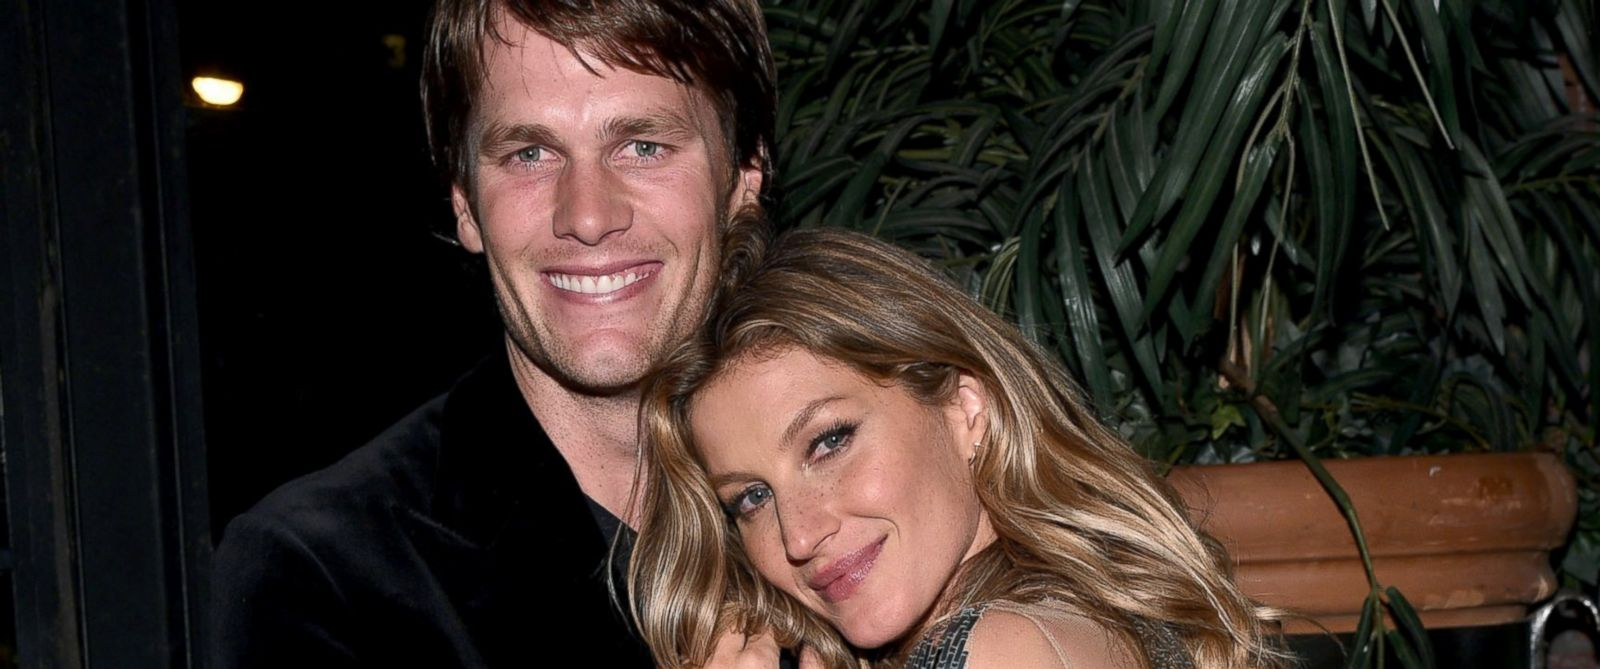 Tom Brady Wishes Wife Gisele Bundchen A Happy Birthday